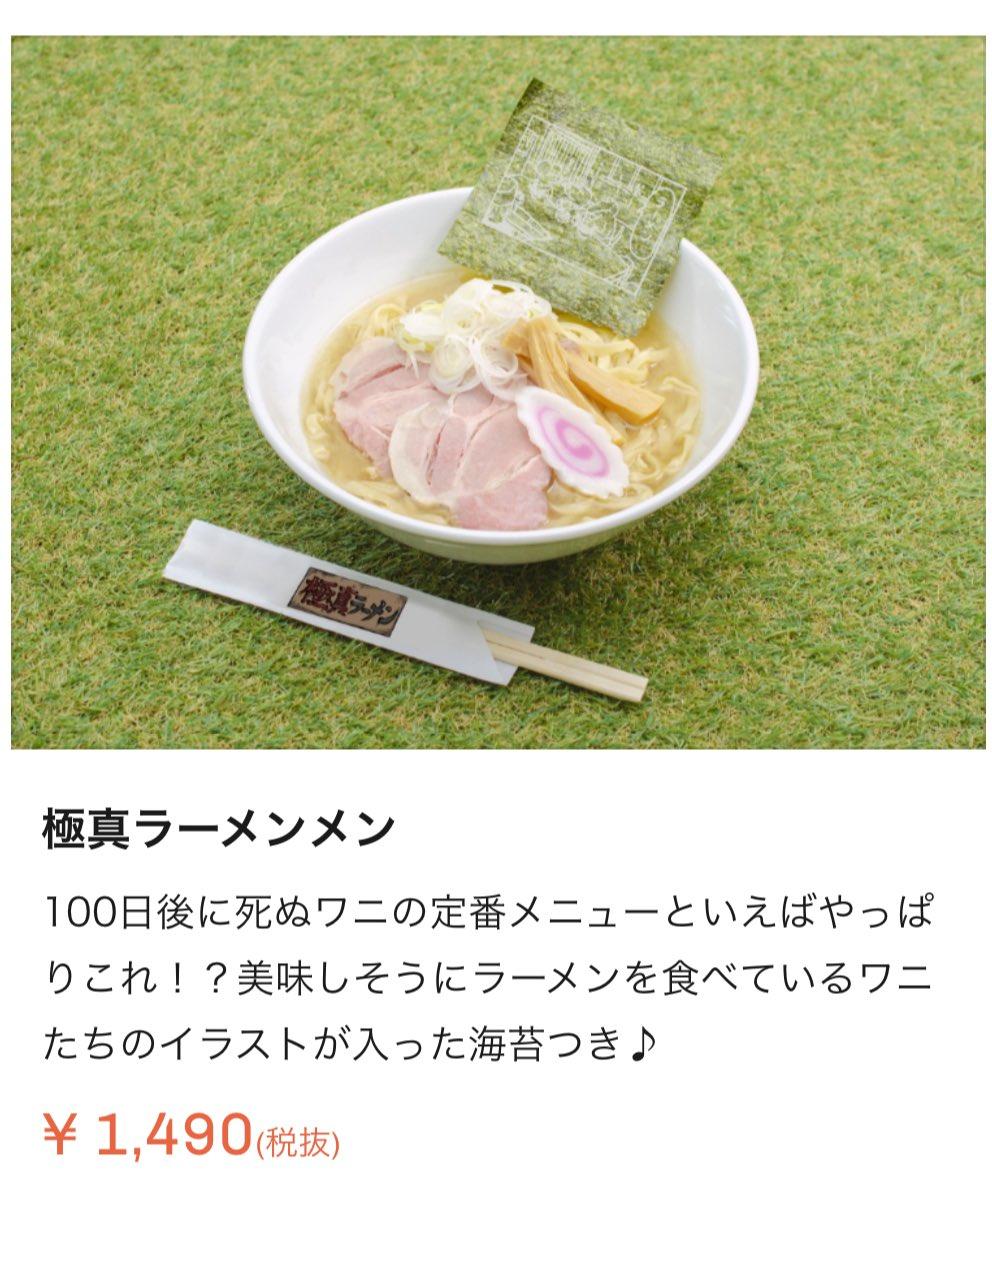 【画像有】1490円のラーメン、値段に納得の山盛り豪華でめちゃくちゃ美味そう